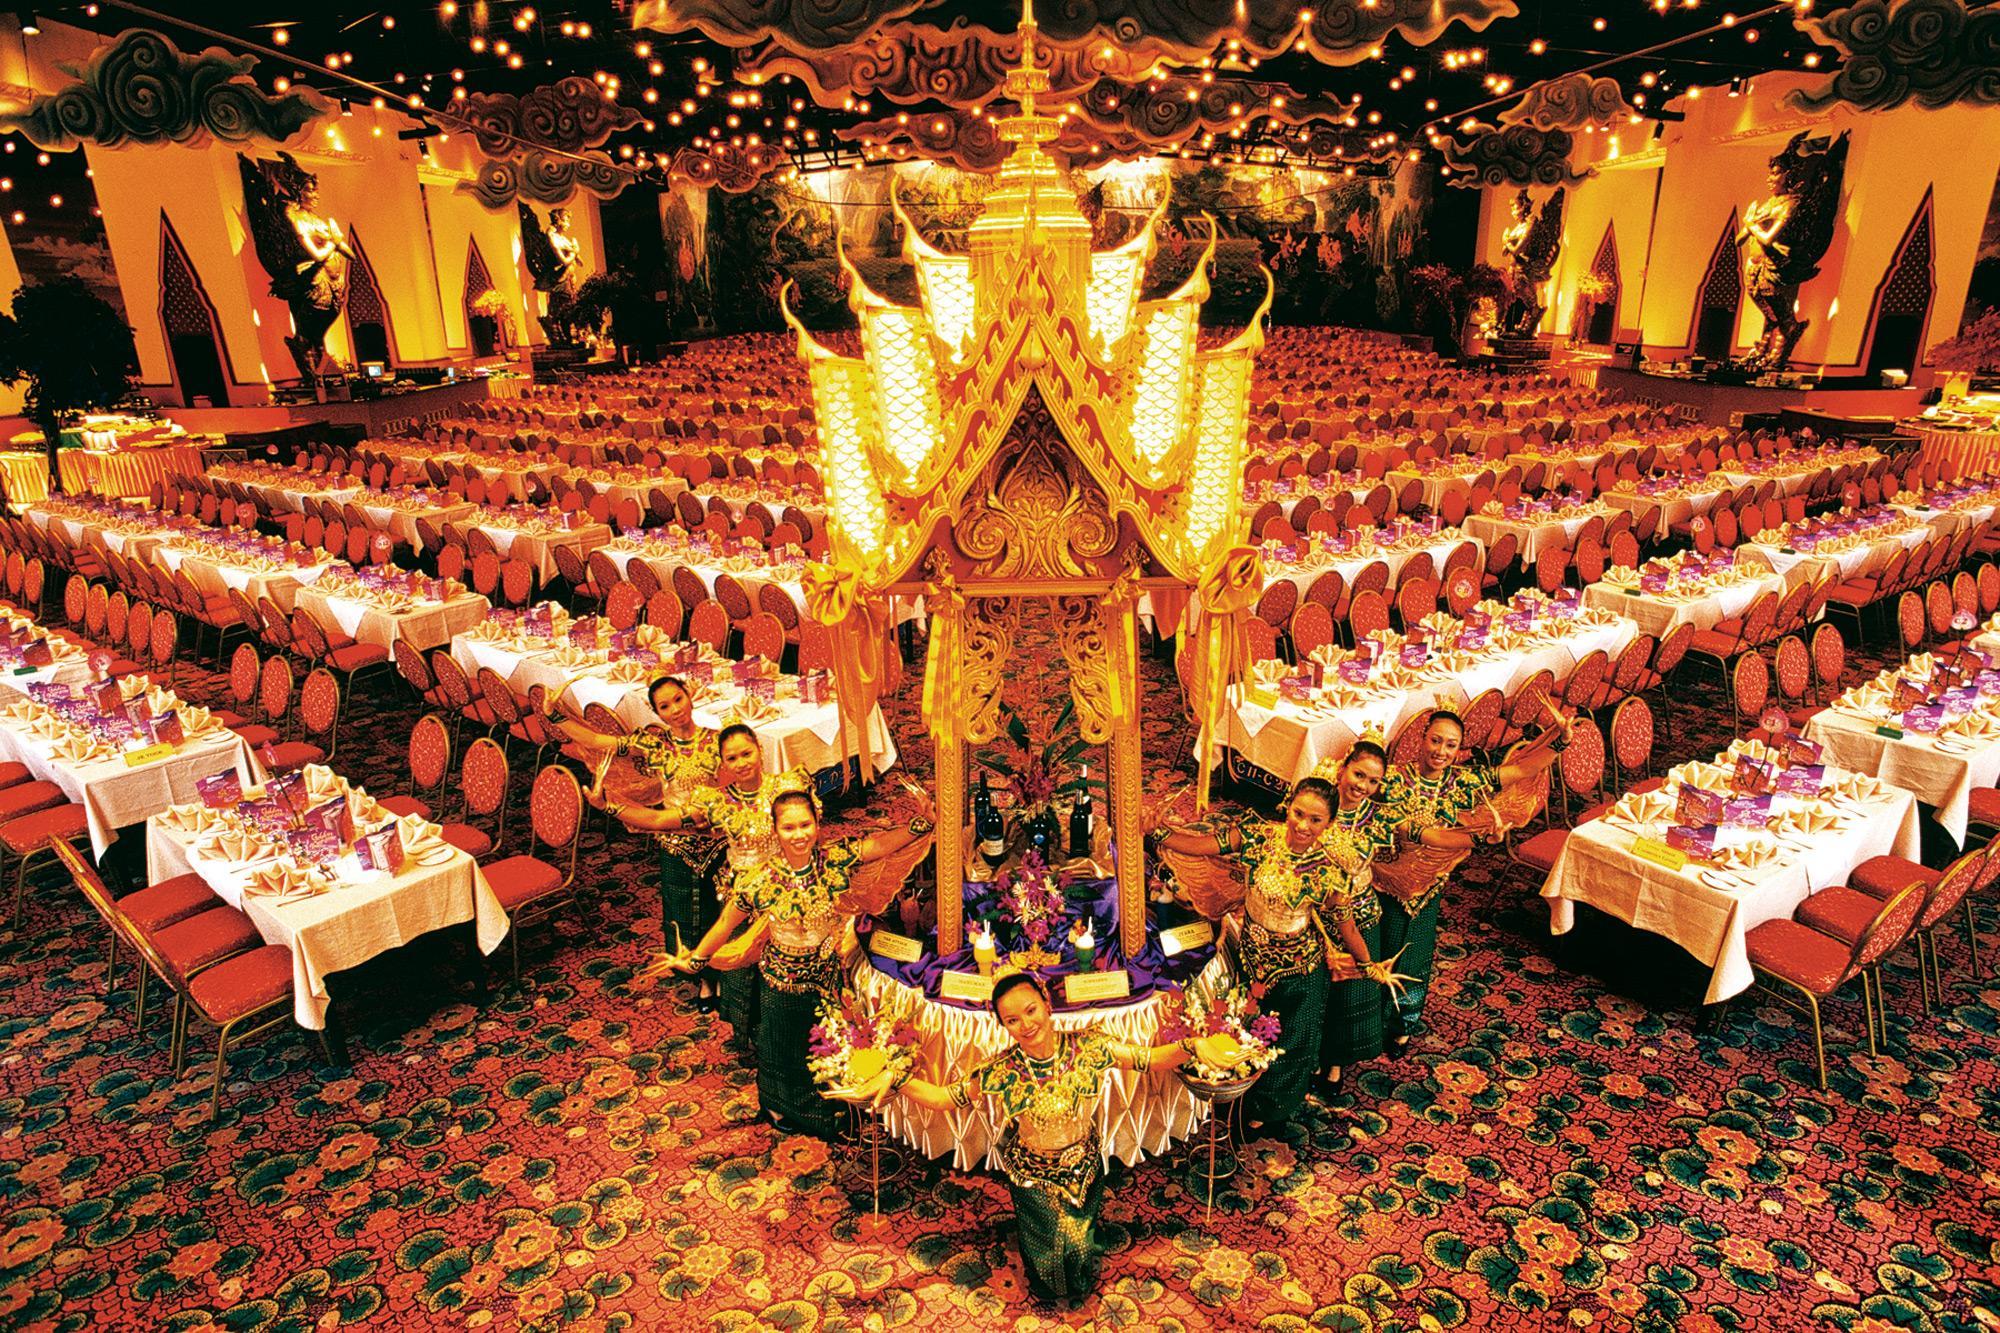 Khu vực xem show diễn và diễn ra tiệc Buffet lớn nhất châu Á